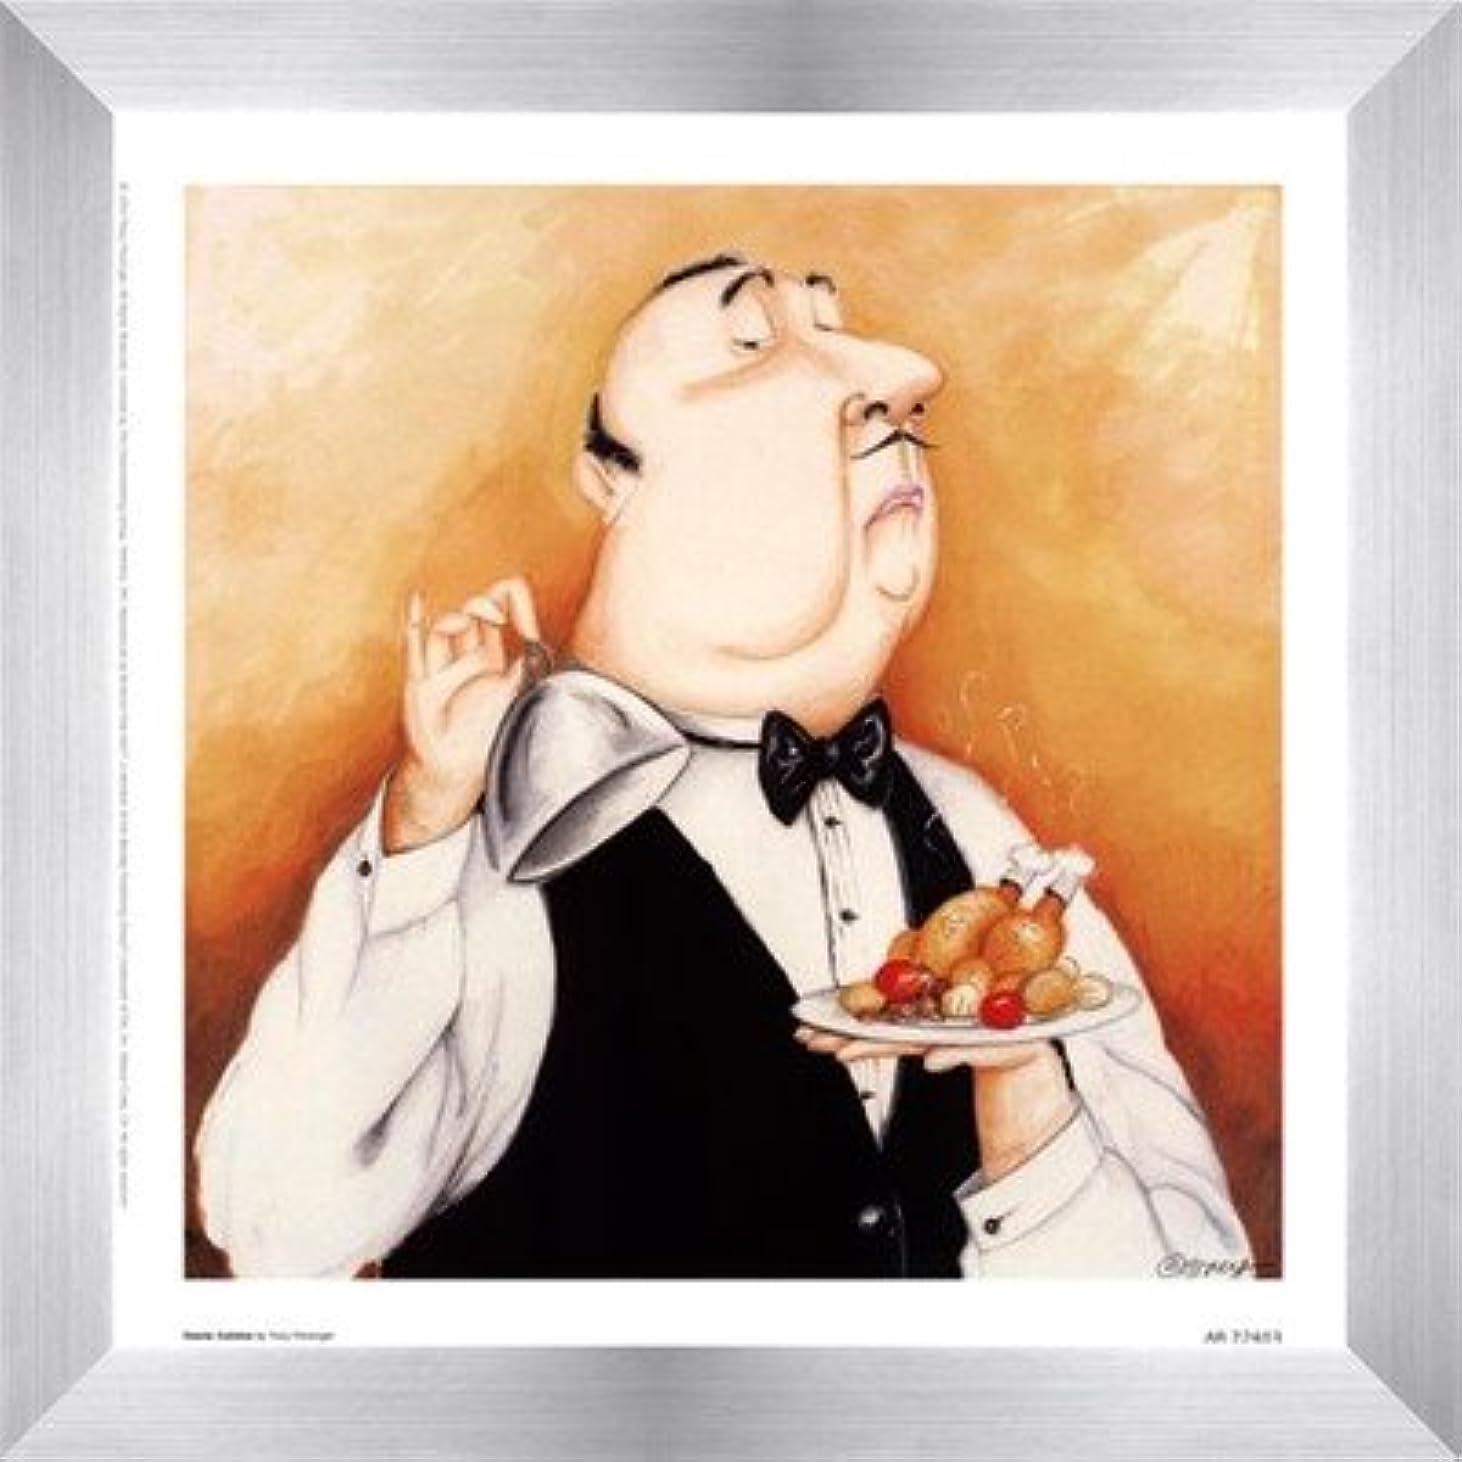 断線パワーセル二十Haute料理by Tracy Flickinger – 9 x 9インチ – アートプリントポスター LE_468075-F9935-9x9